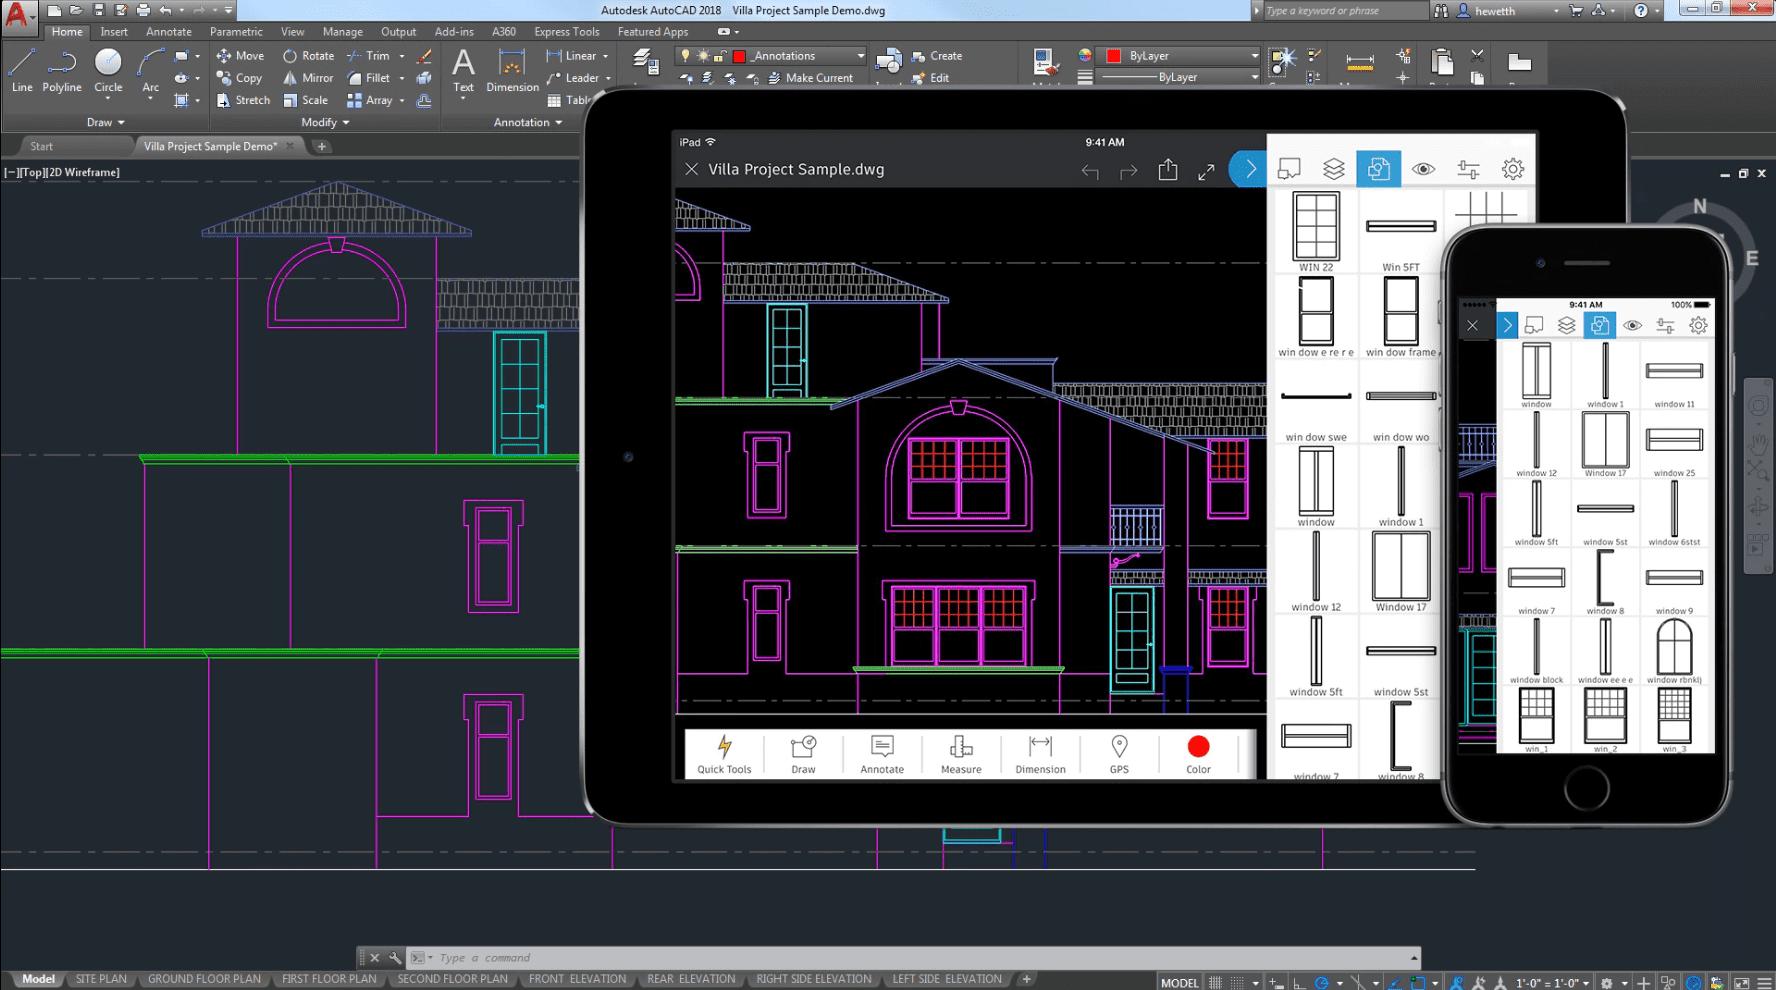 Avaliação AutoCAD: O software CAD mais completo para projetos - appvizer